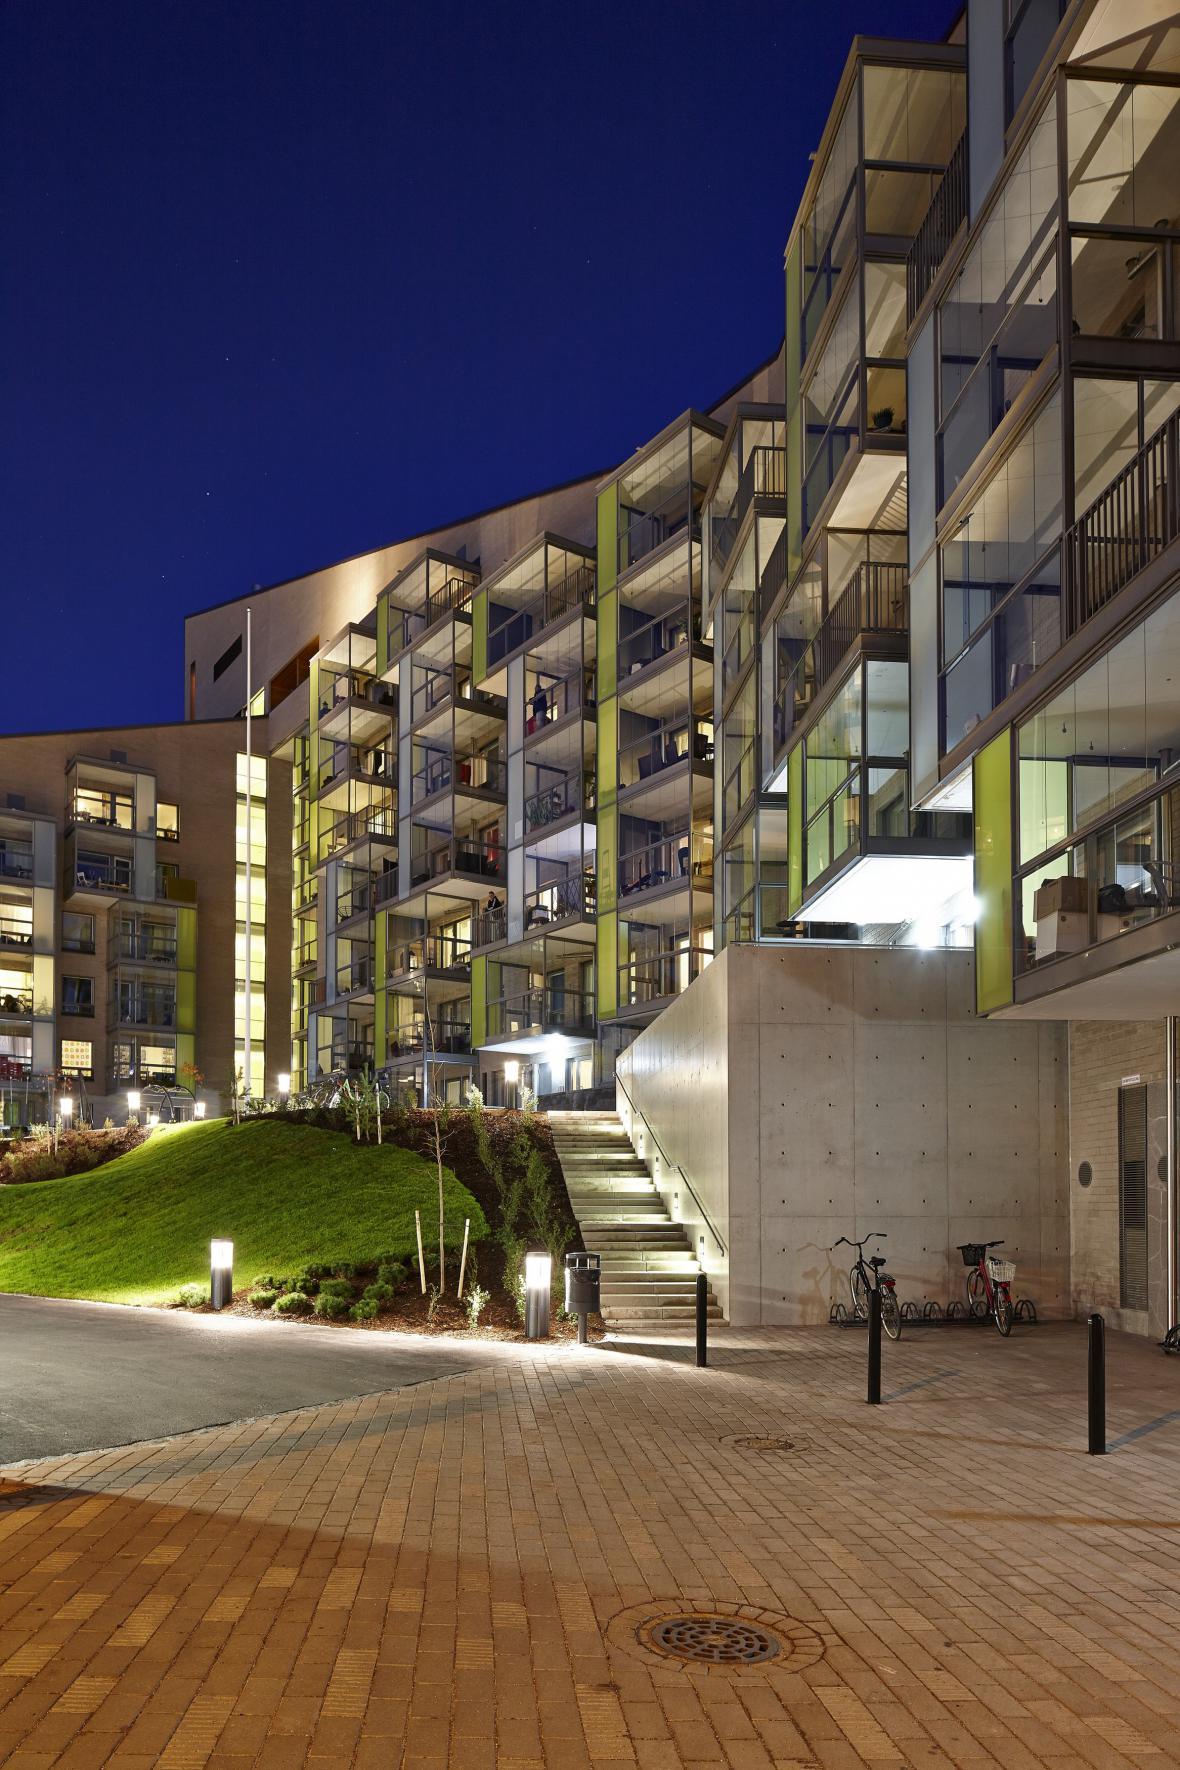 Nájemní bydlení v Helsinkách